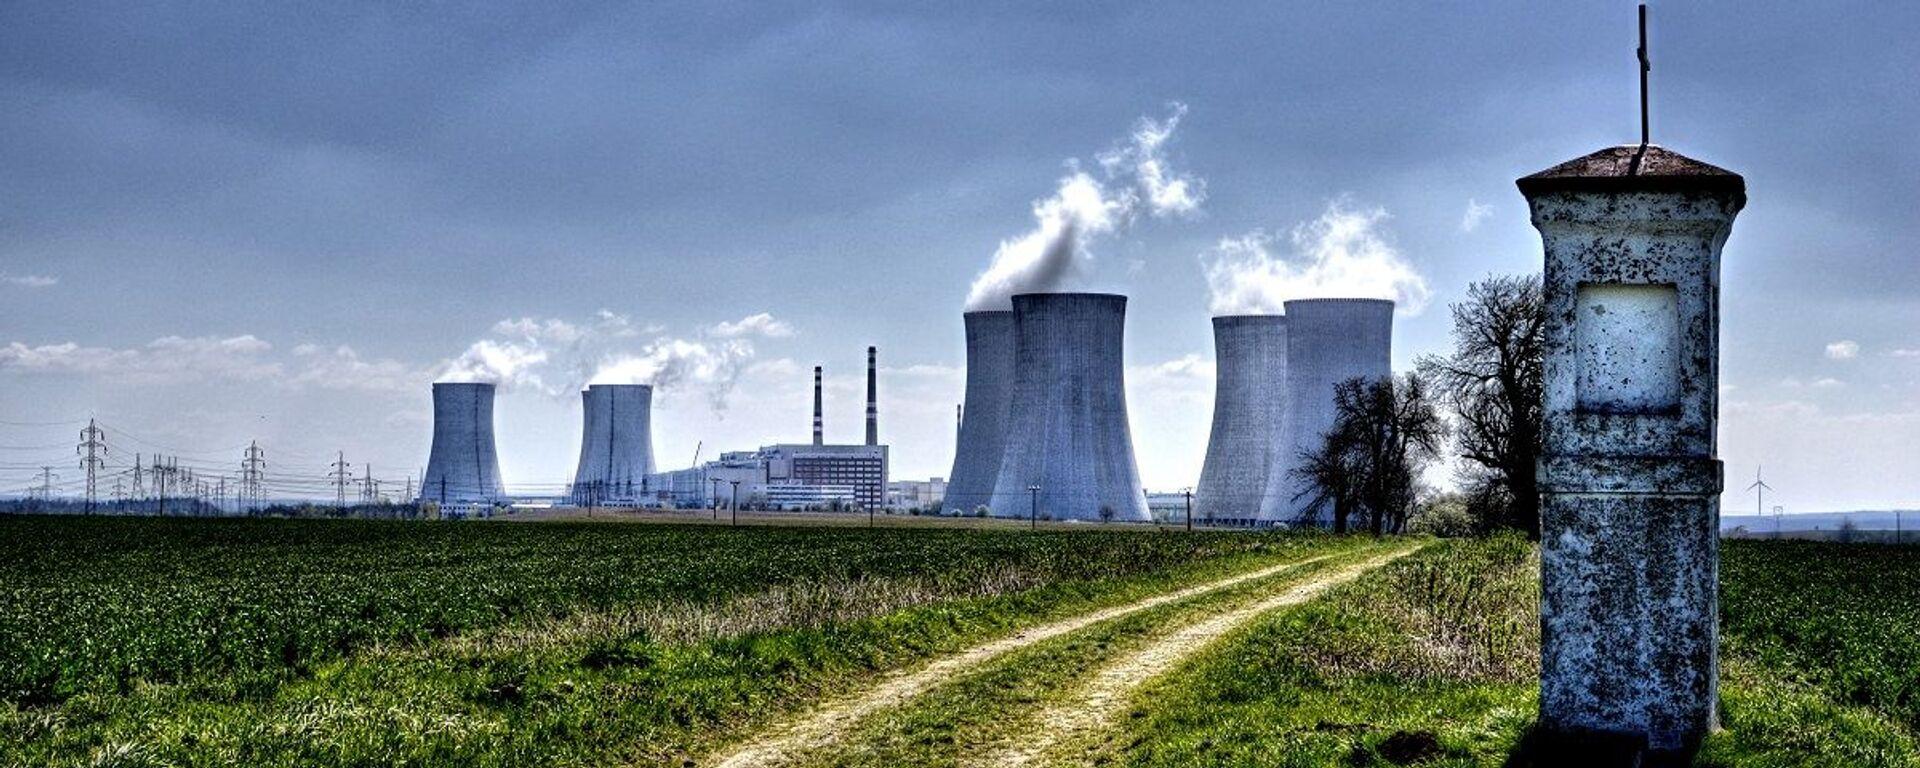 Jaderná elektrárna Dukovany - Sputnik Česká republika, 1920, 26.03.2021